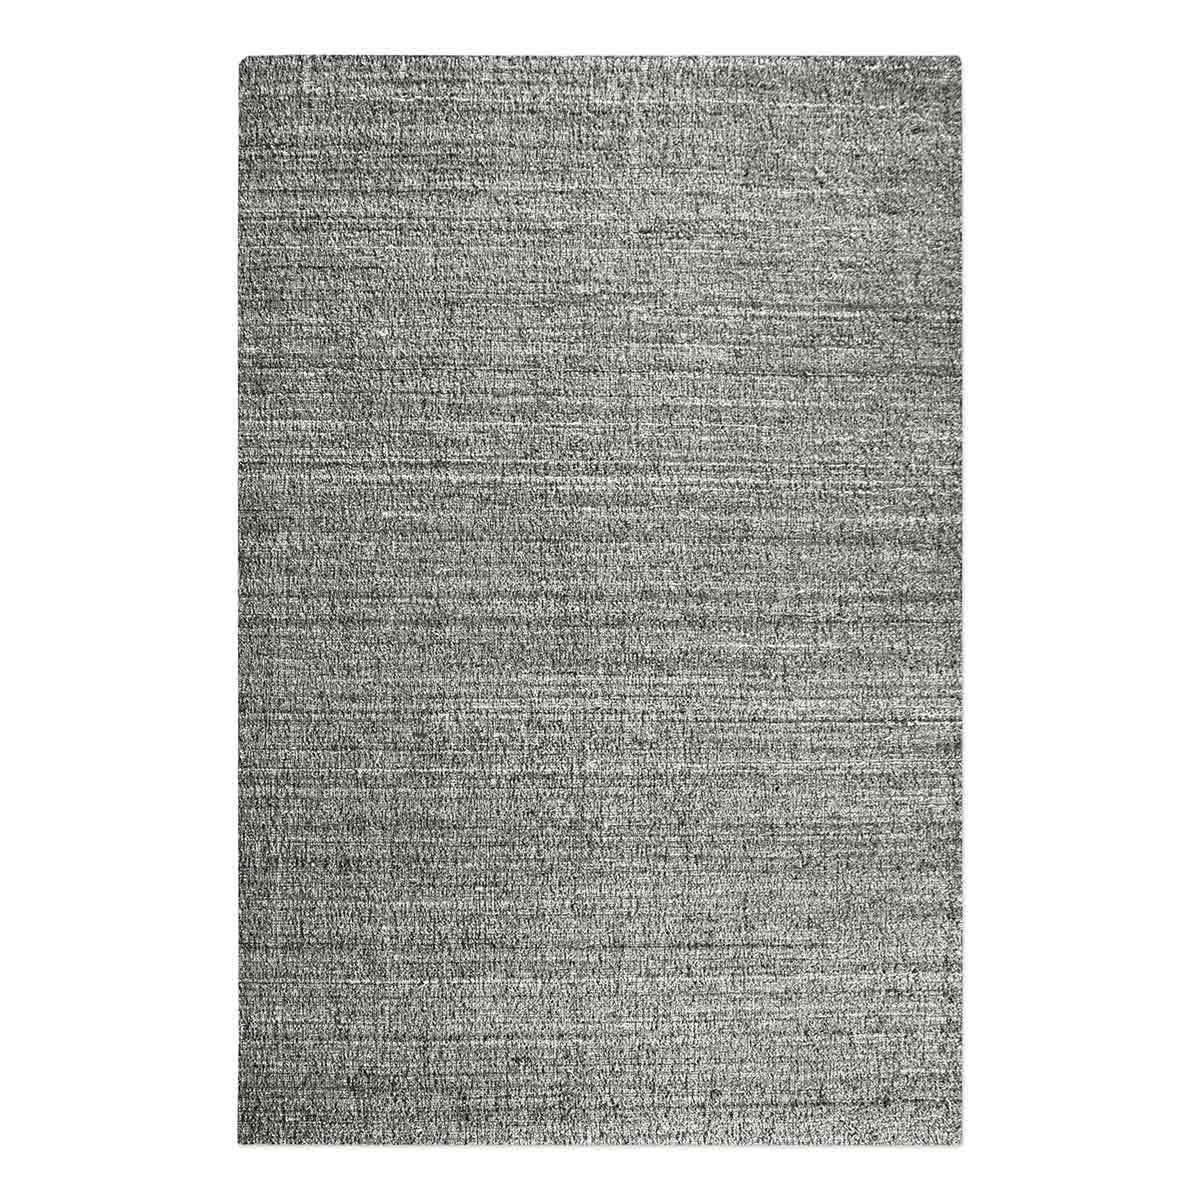 Uttermost Catrin 9 x 12 Rug - Gray